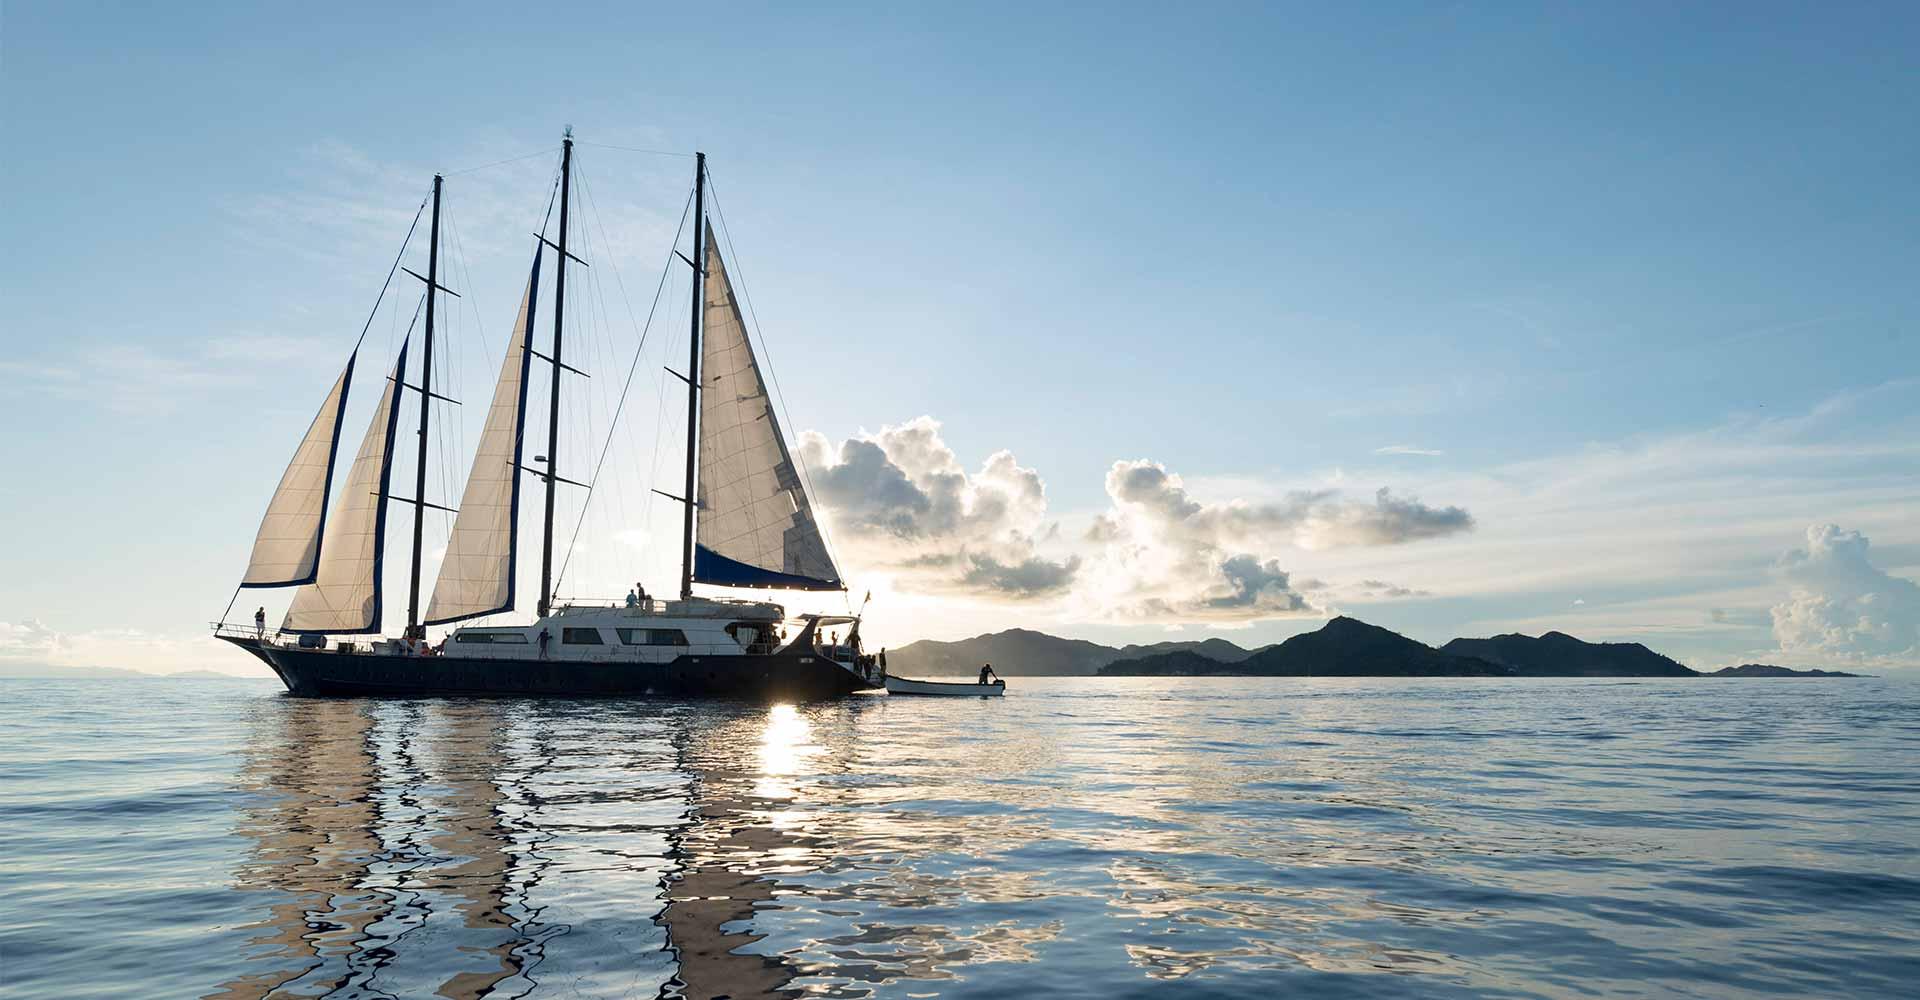 Die Seychellen gelten als Paradies. Das Seychellen-Atoll Aldabra ist dabei eines der schönsten erhaltenen Ökosysteme der Welt und UNESCO-Weltkulturerbe. Jetzt legt Silhouette Cruises zum ersten Mal zu Segel-Kreuzfahrten mit der SEA BIRD in Richtung Aldabra ab.